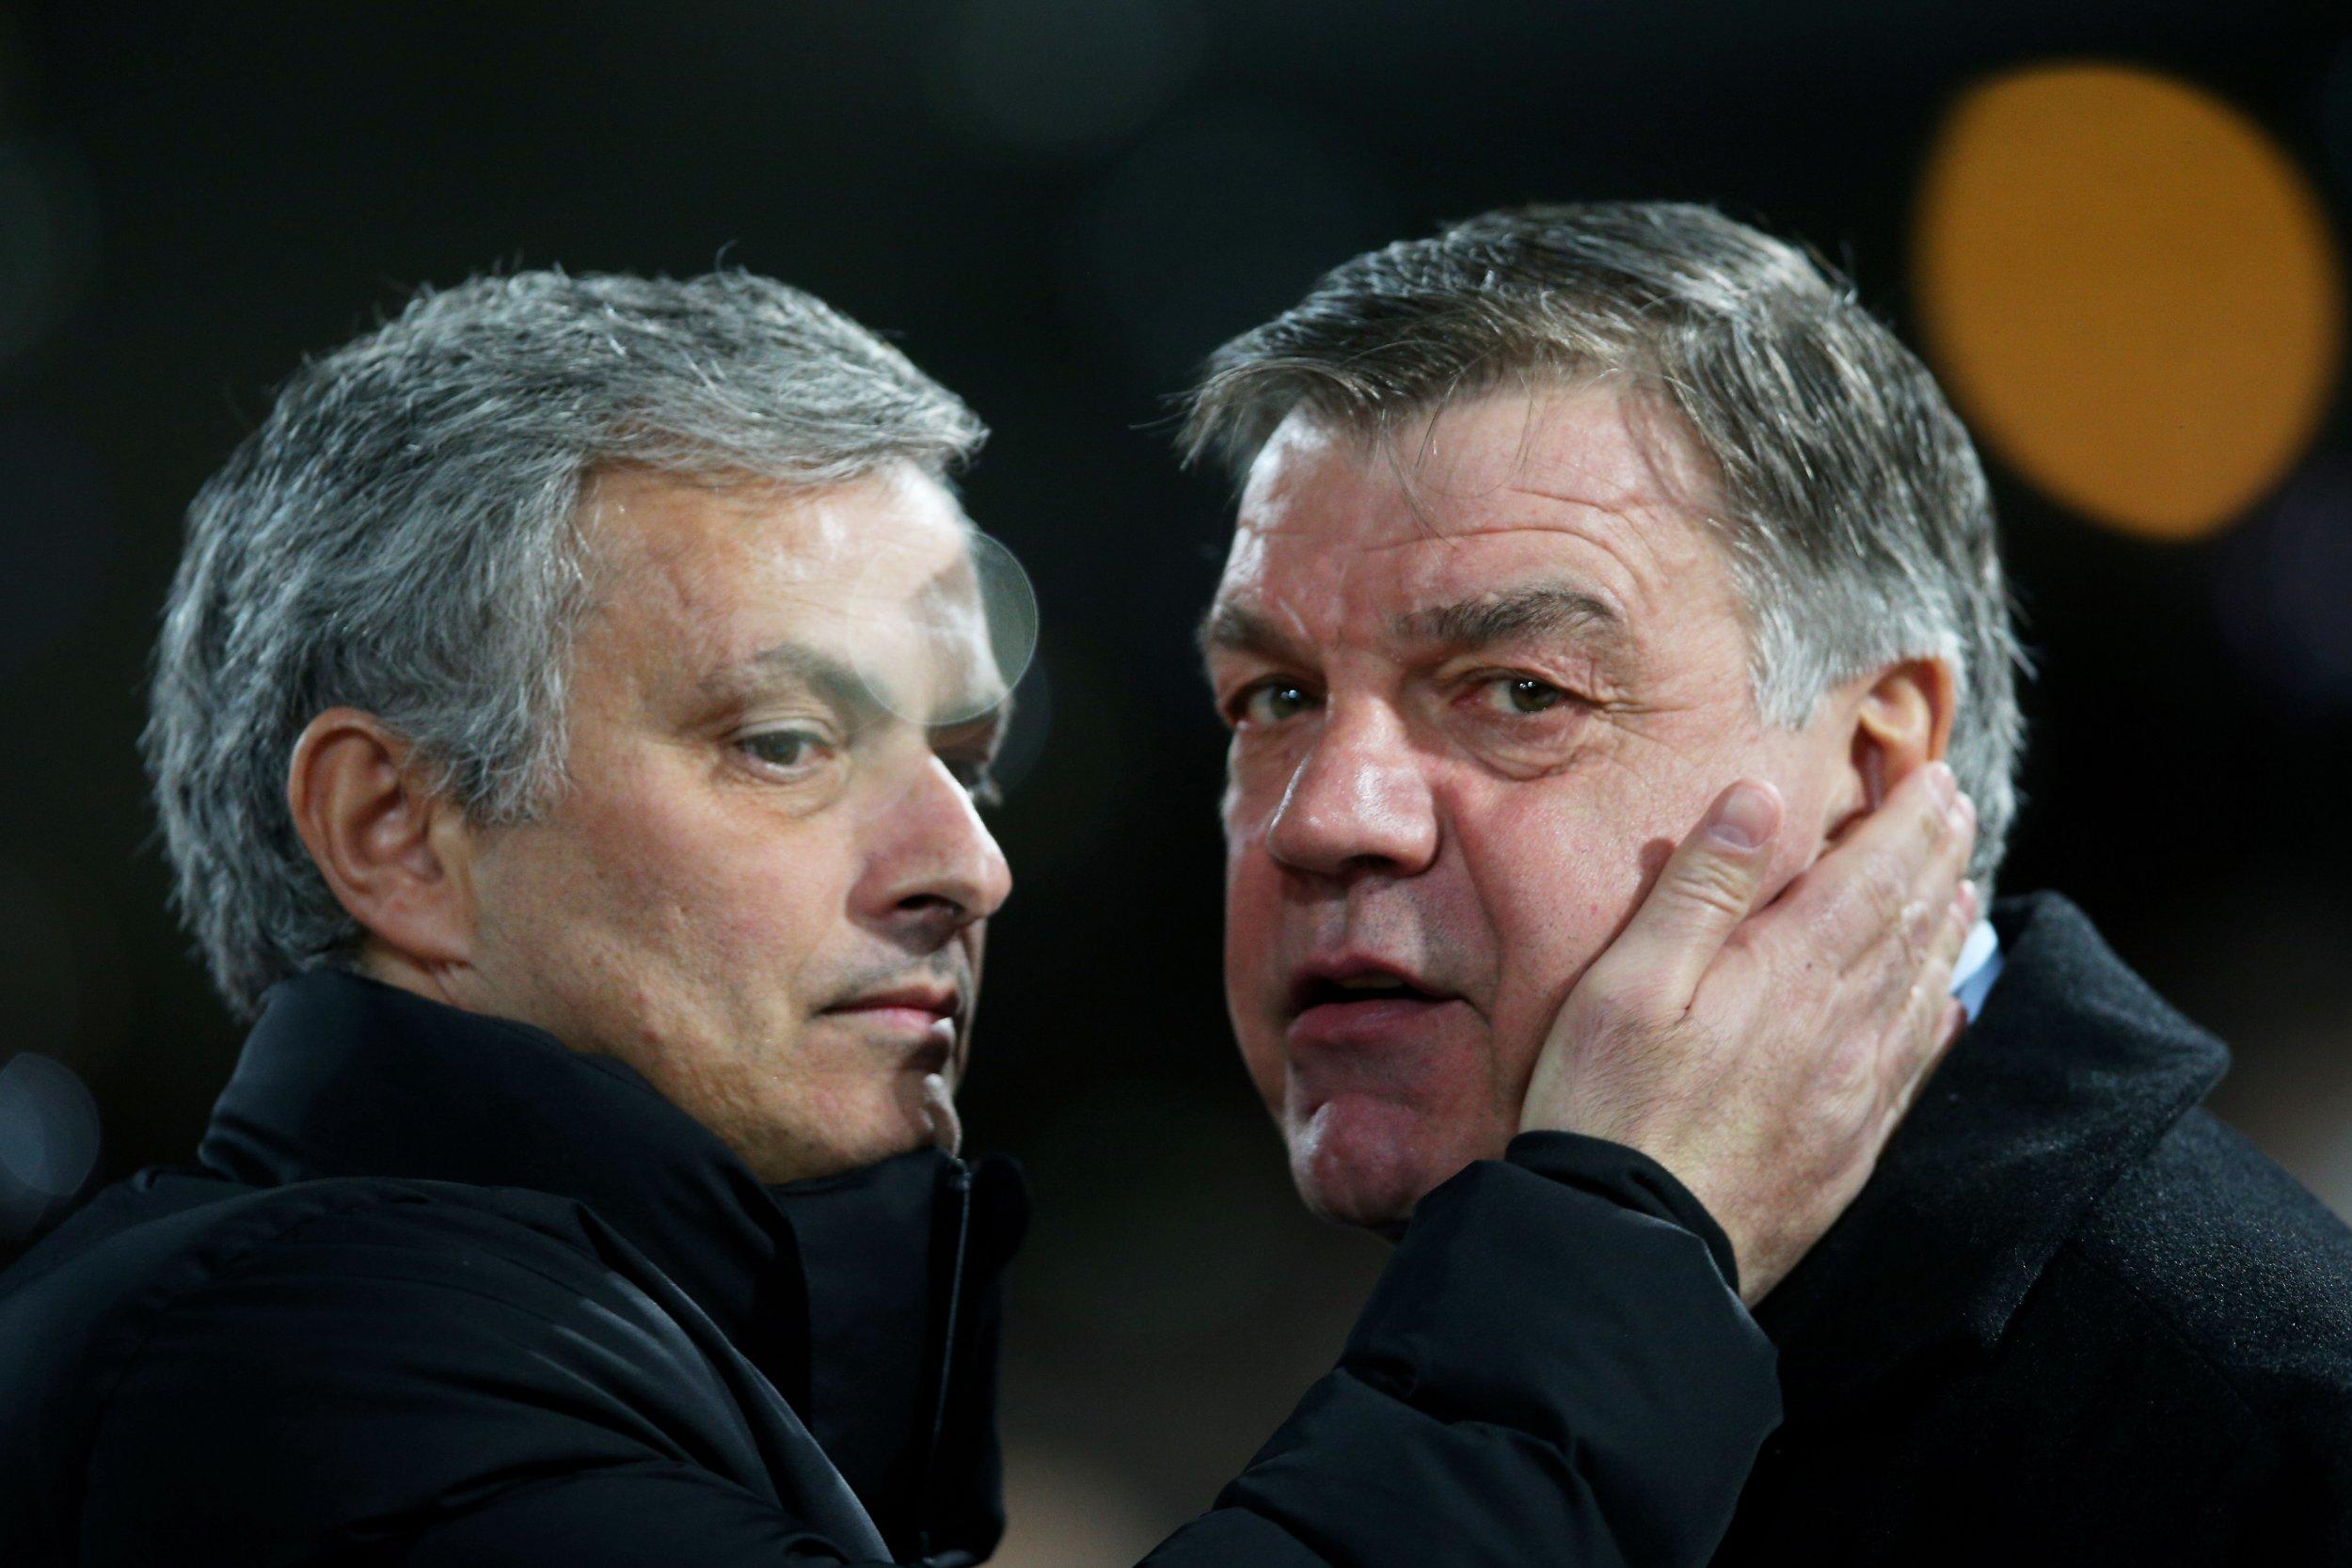 Jose Mourinho, left, with Sam Allardyce.